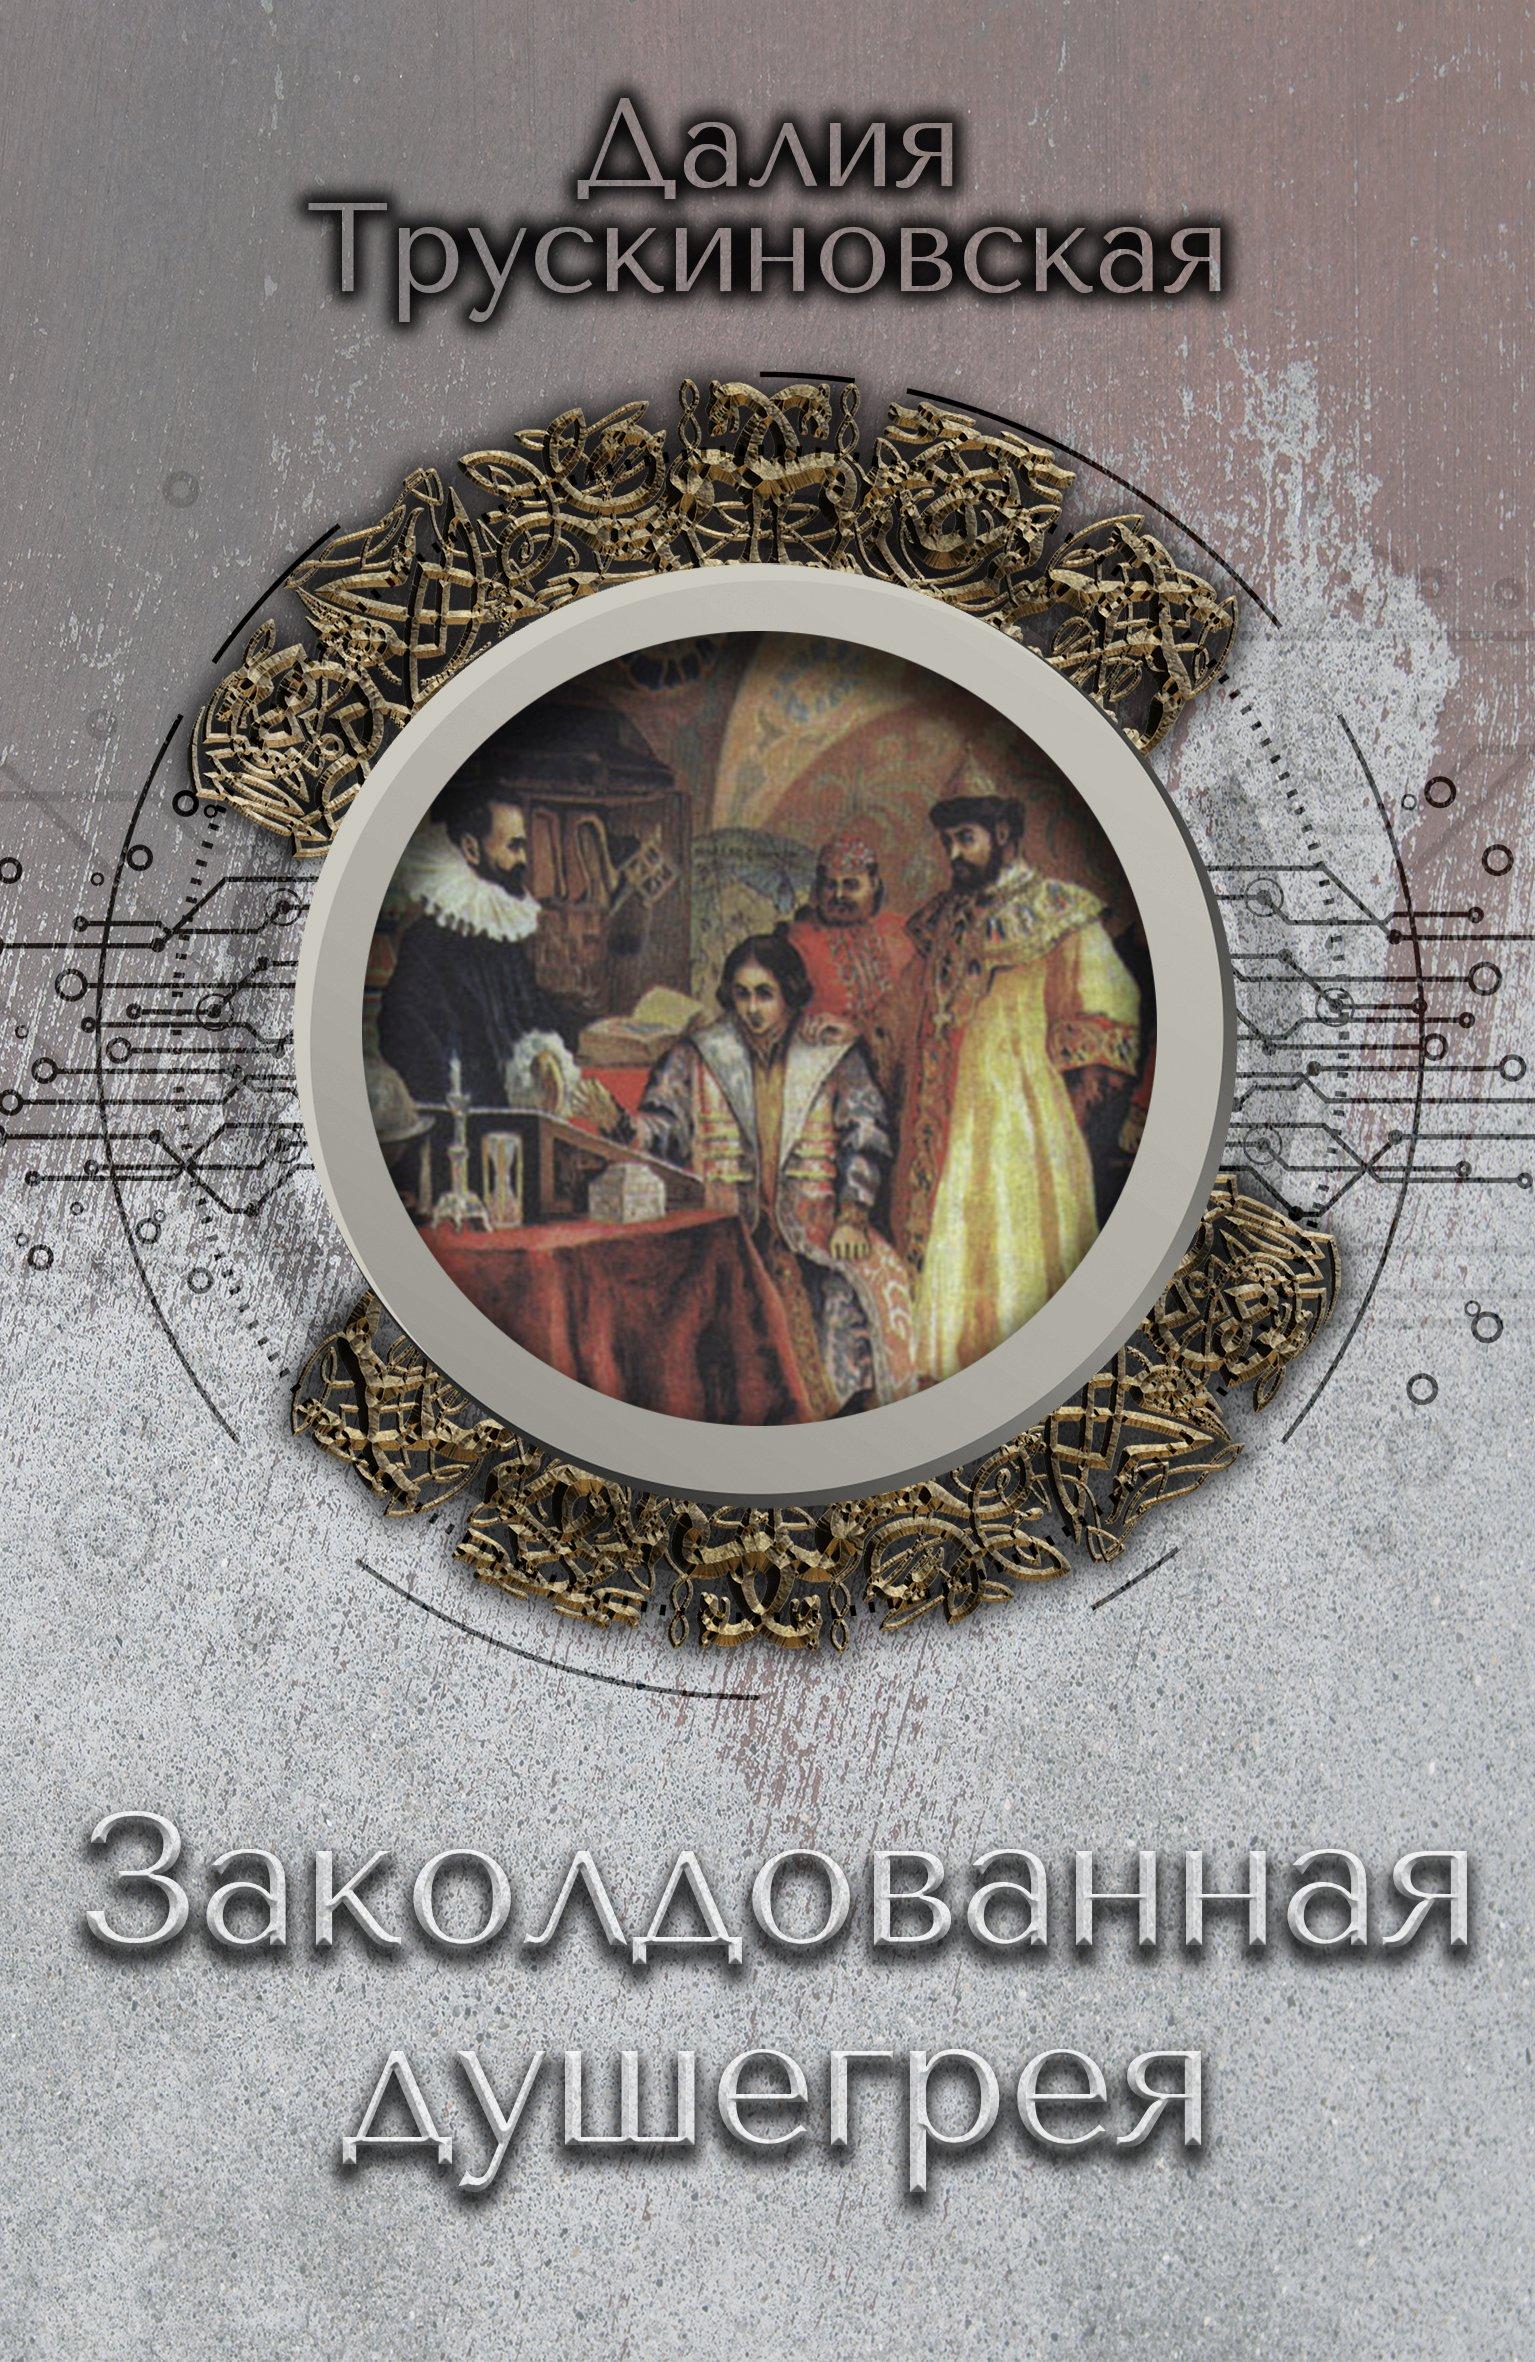 Далия Трускиновская - Заколдованная душегрея